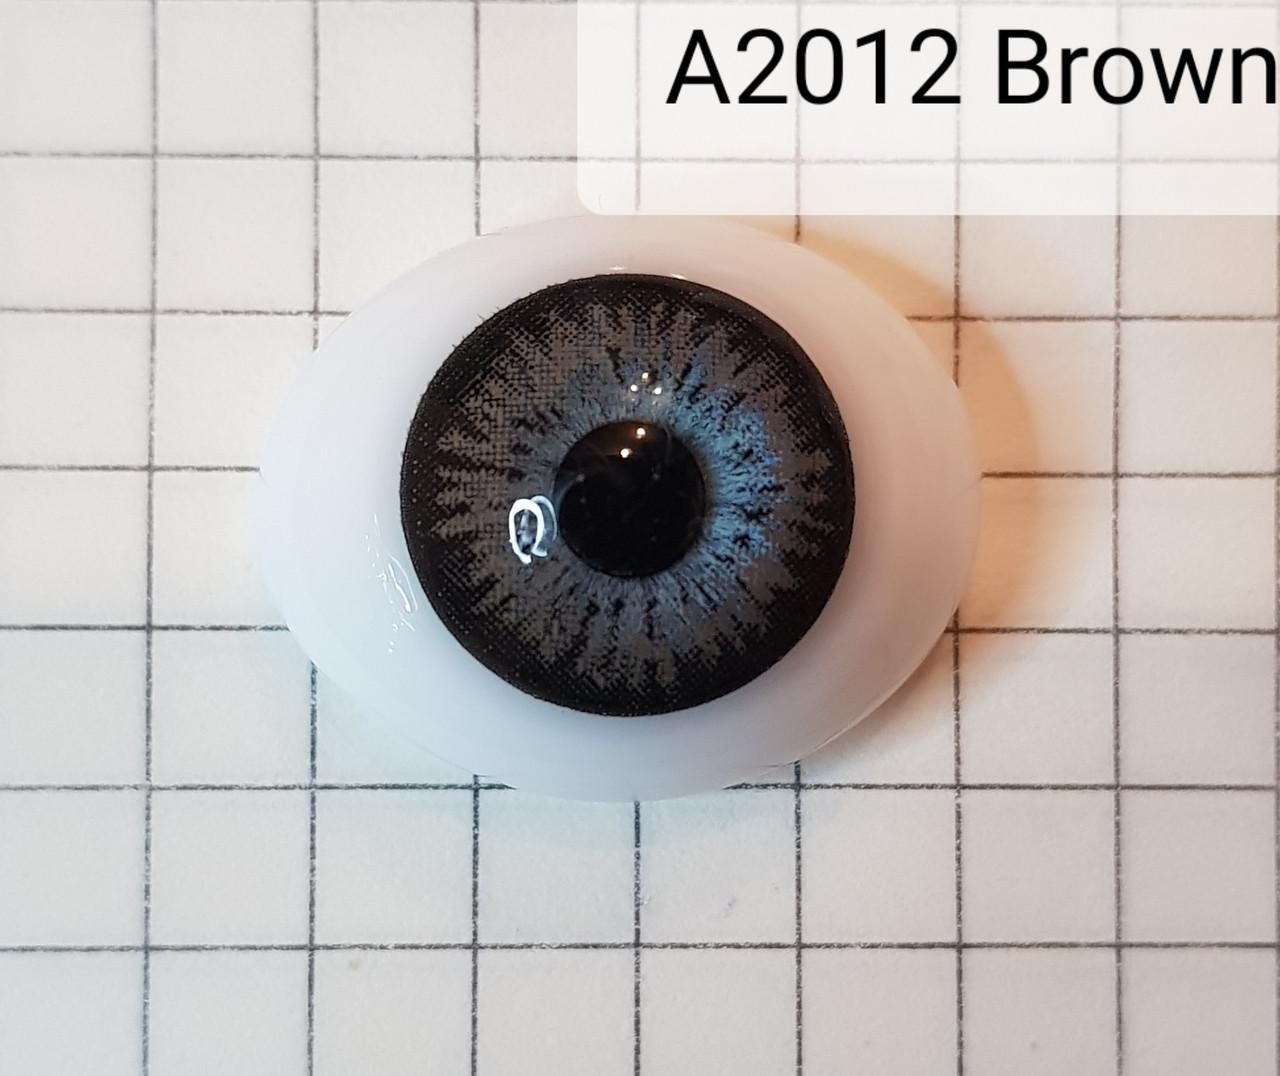 Контактные линзы A2012 Brown -2.75 - фото 3